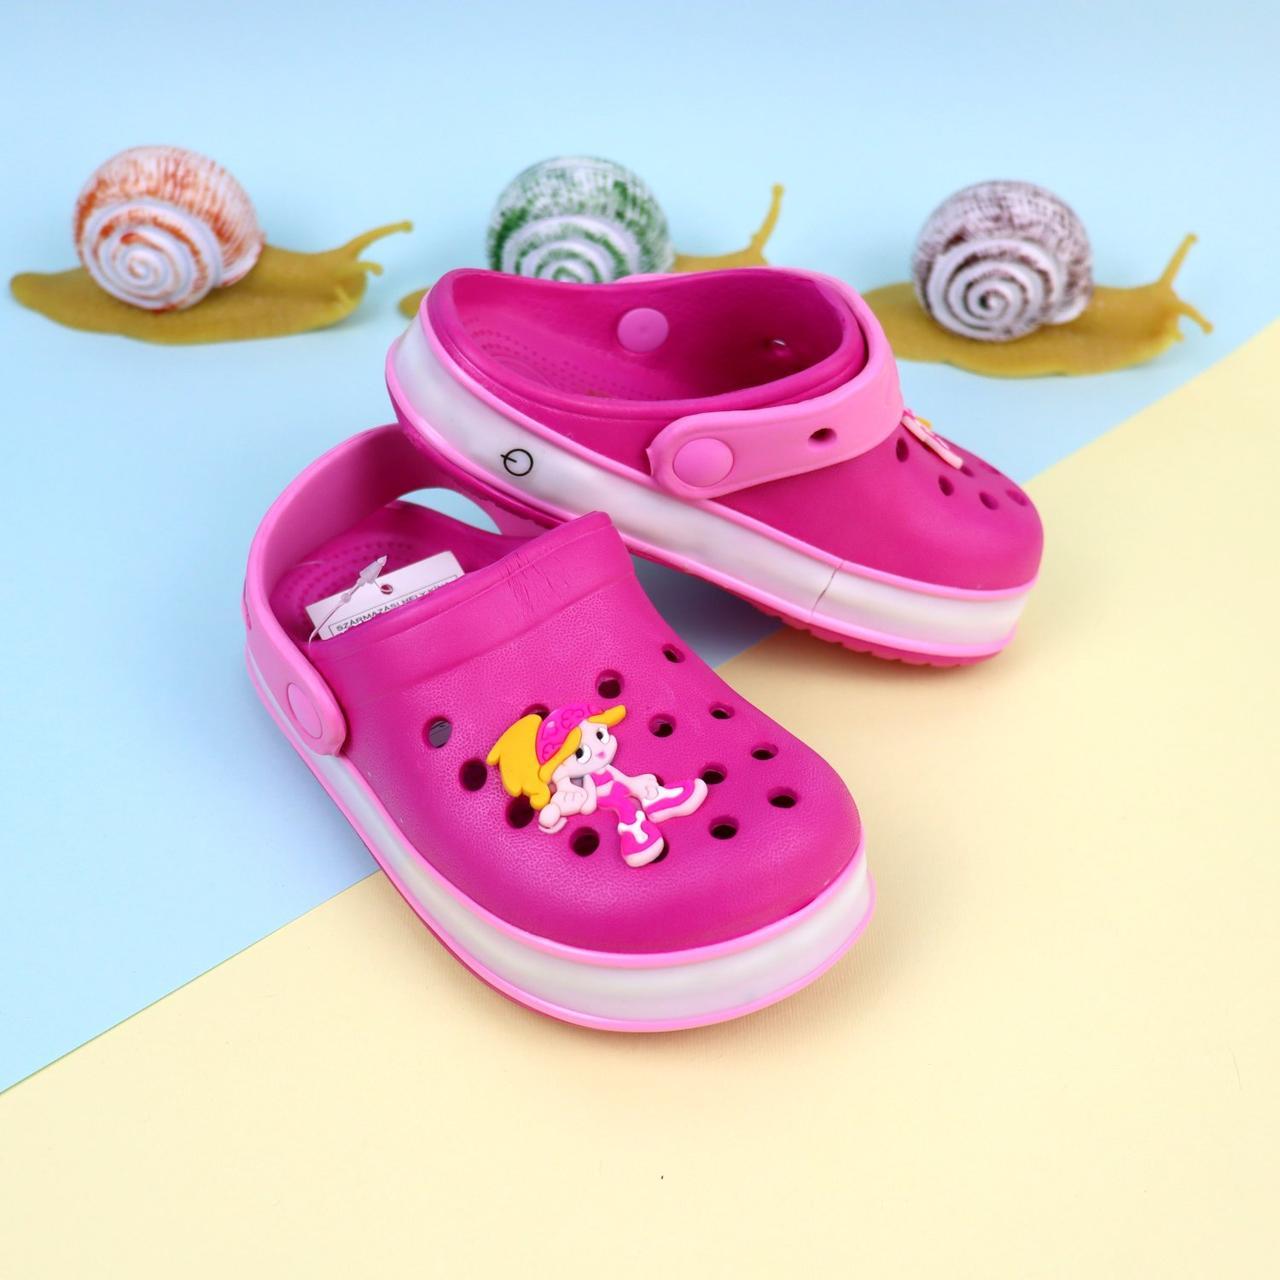 Детская летняя обувь кроксы светяшки для девочки тм GIOLAN р 20,21, 22,23,24,25,26, 27,28,29,30,31,32,33,34,35